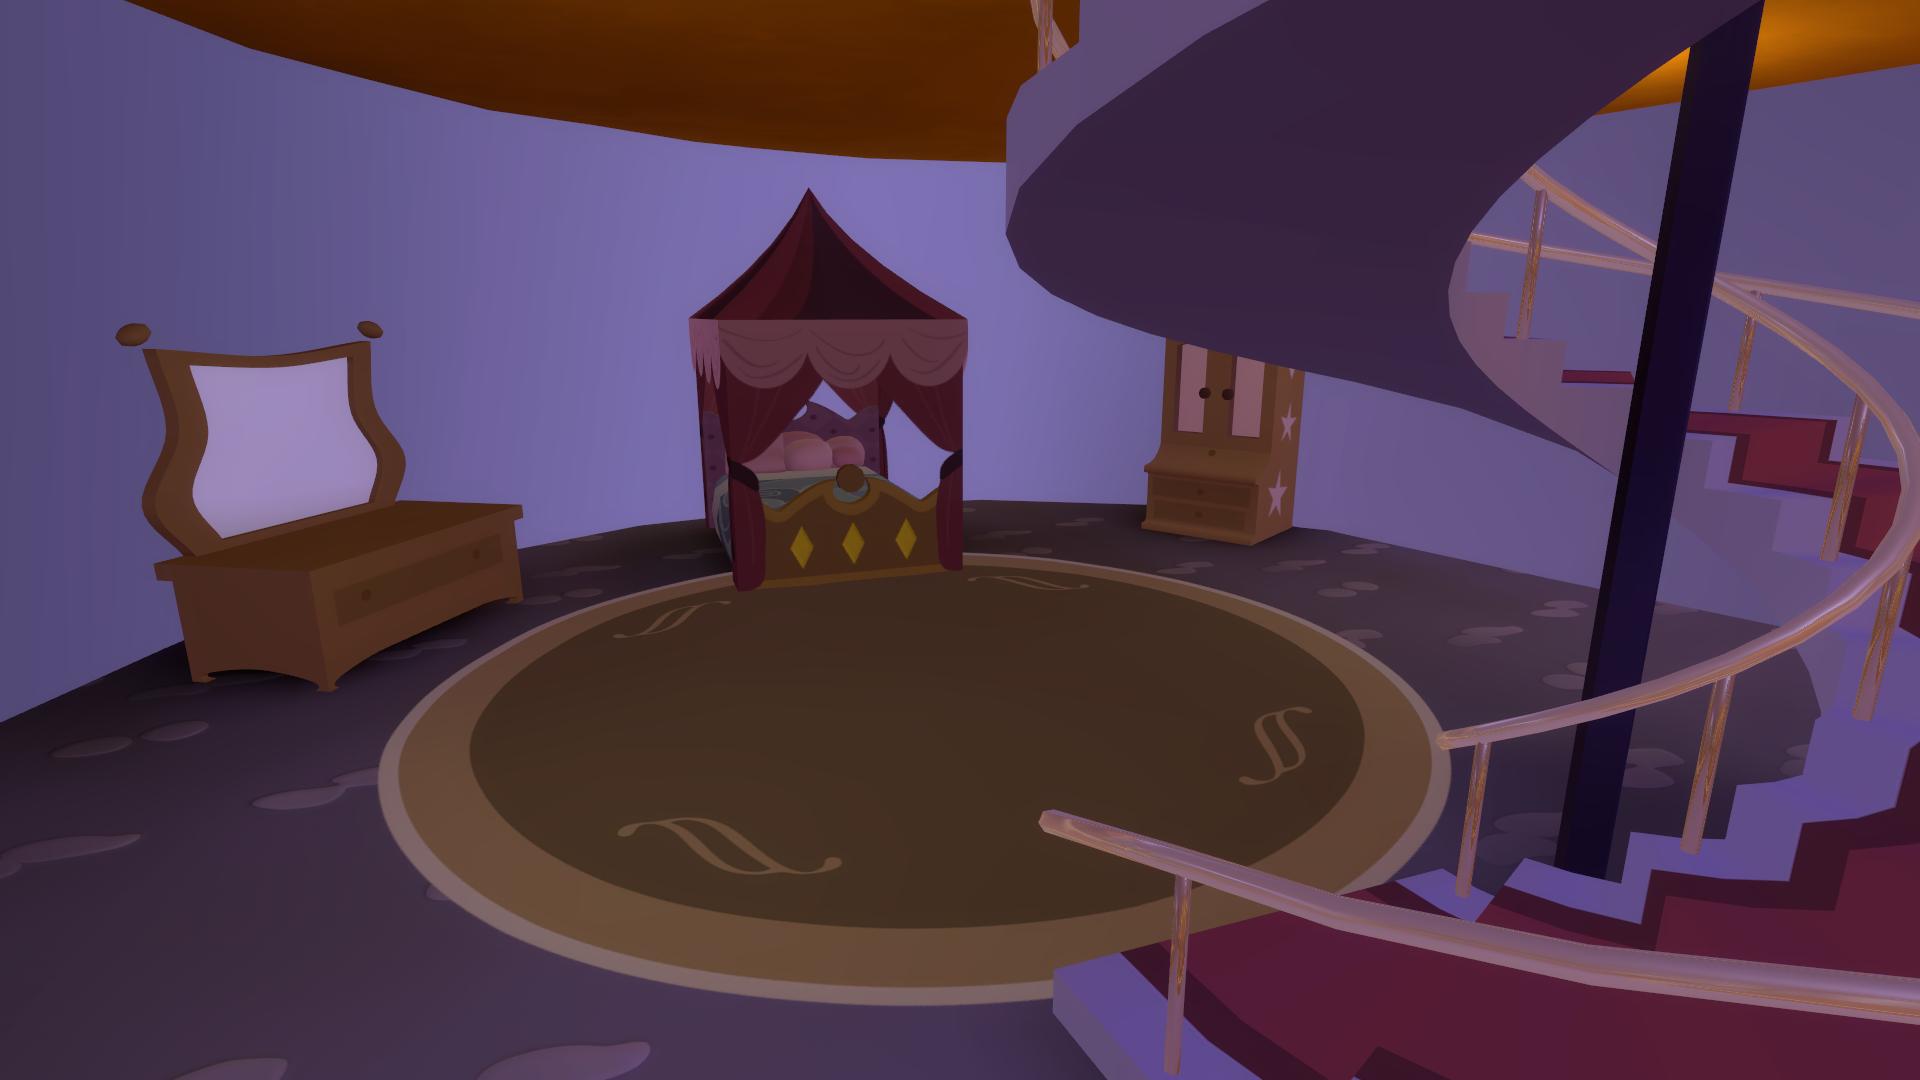 картинки фона комнаты для пони требует собранности